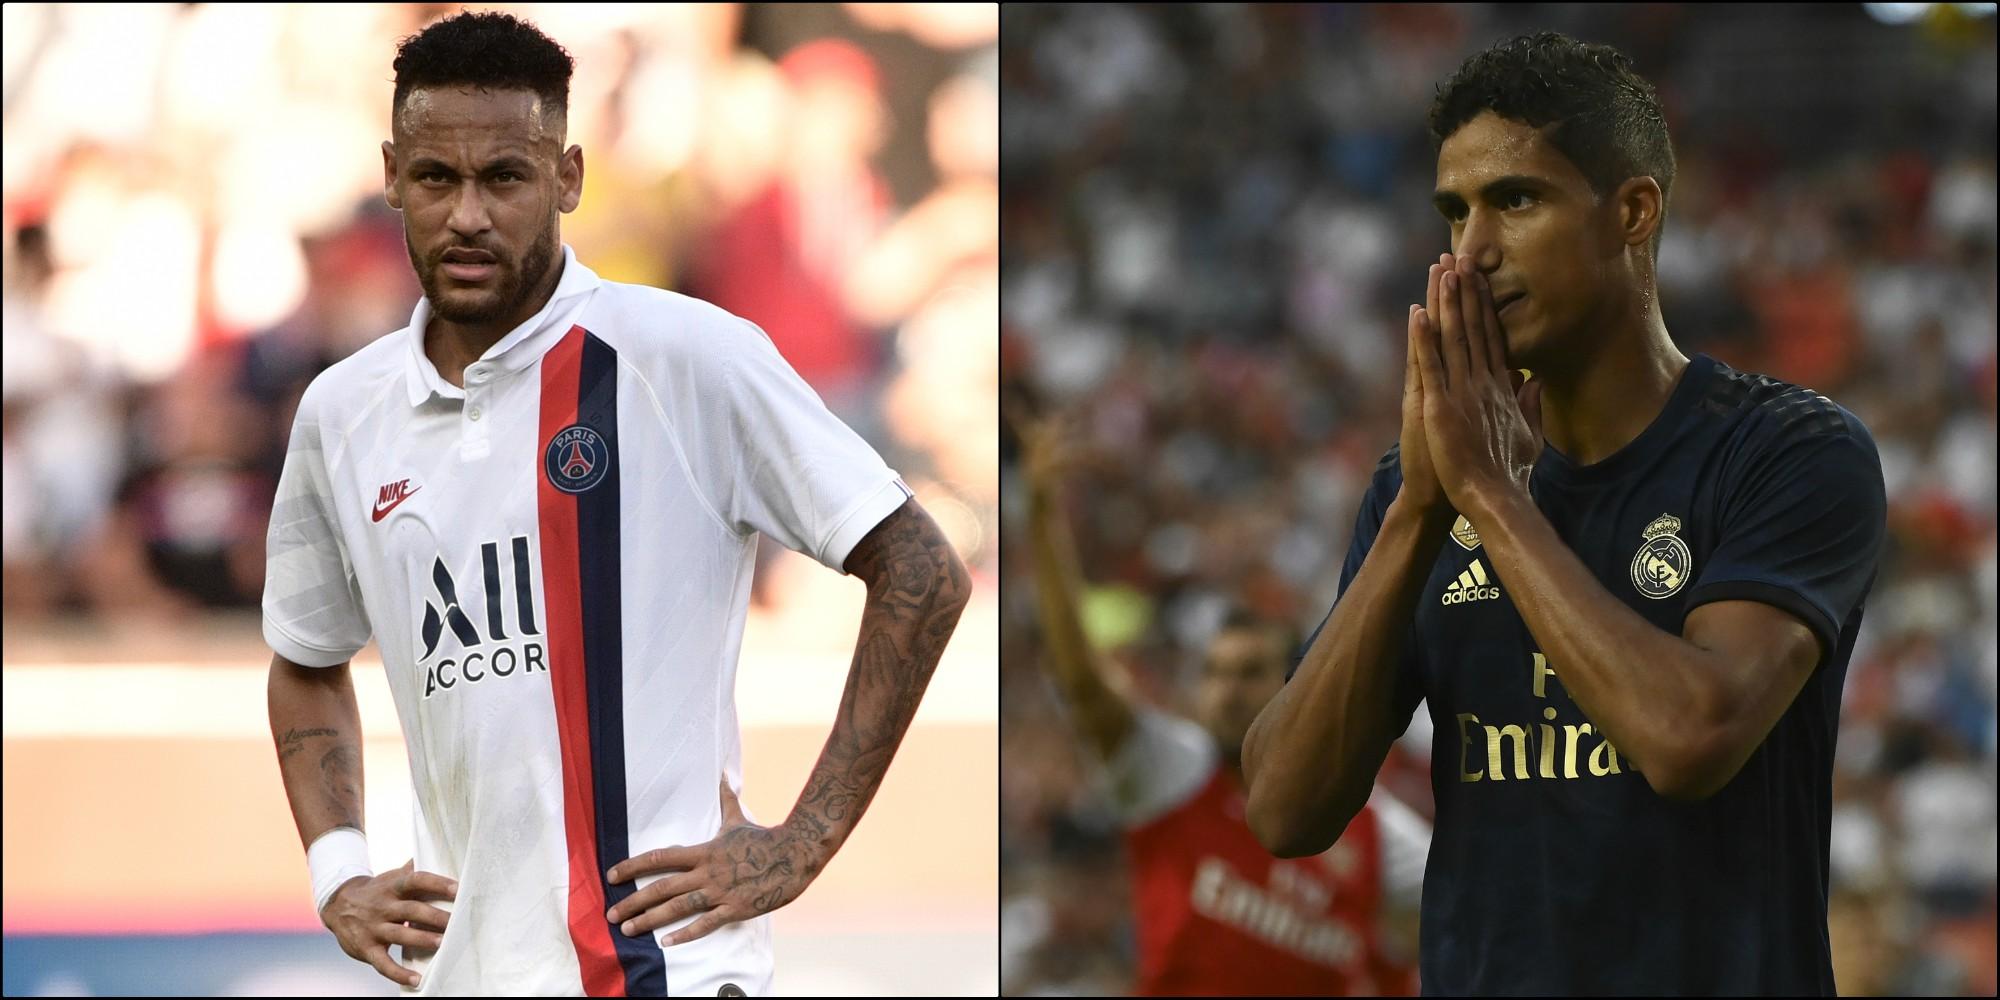 Varane habla de los rumores que vincularon a Neymar con el Real Madrid.